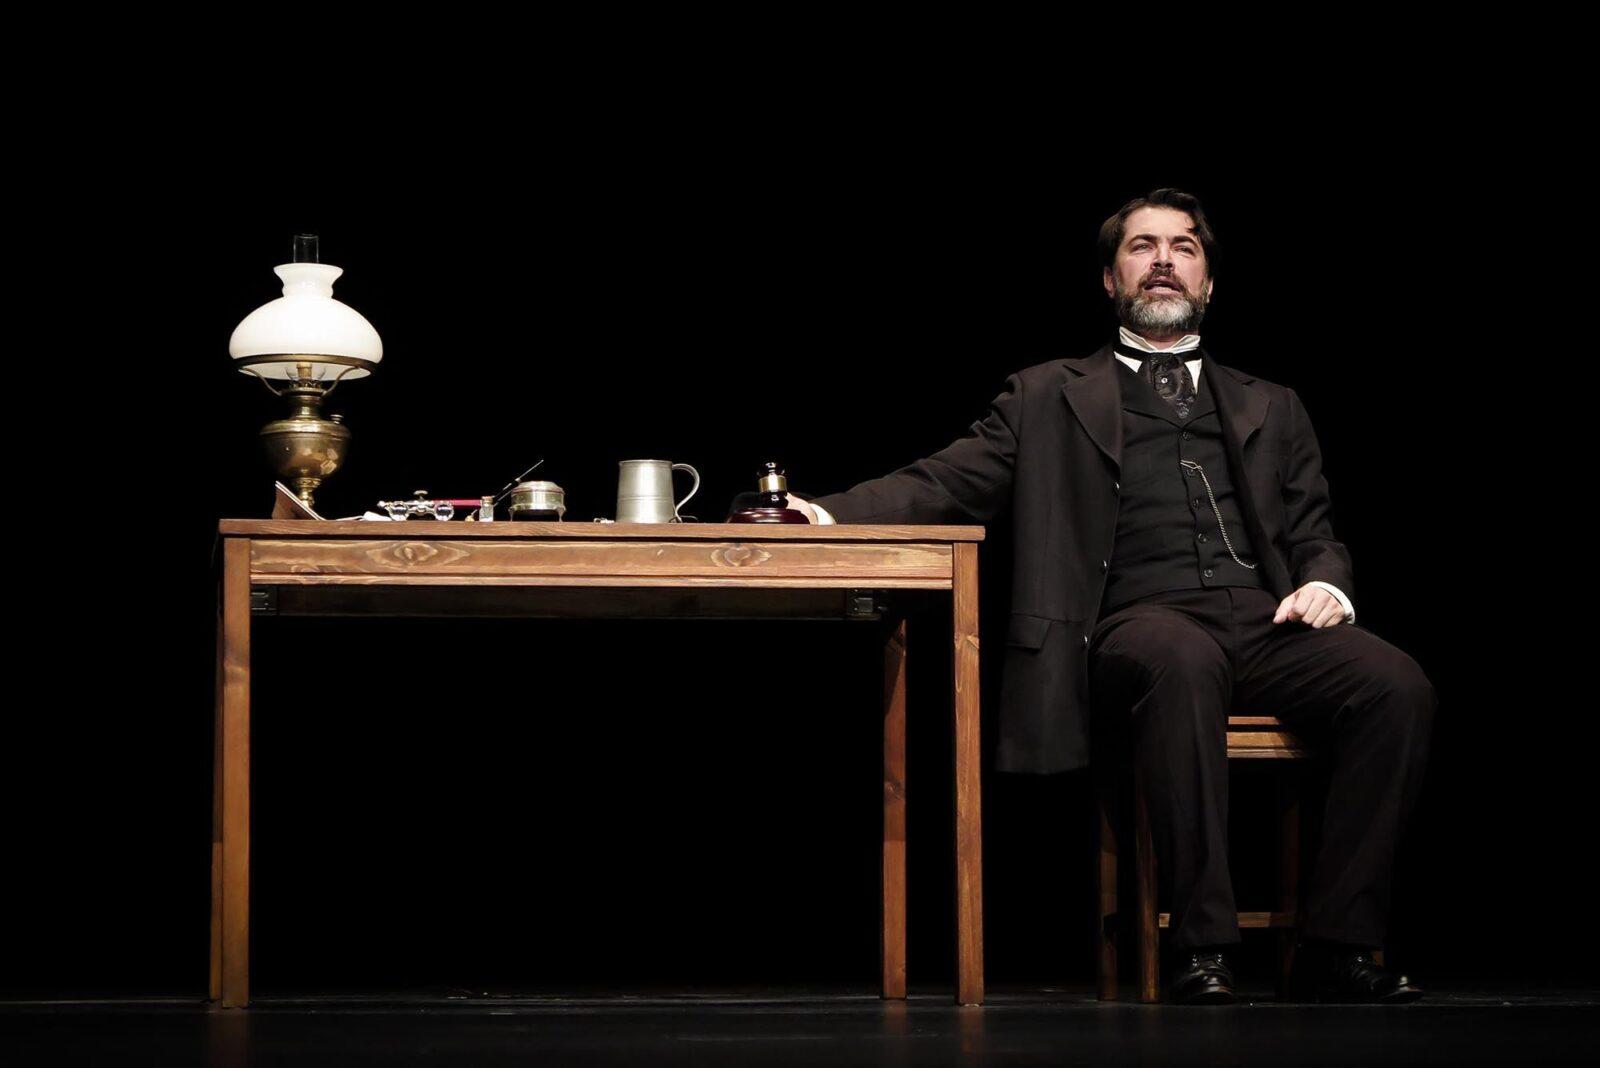 پارسا پیروزفر بر صحنه نمایش